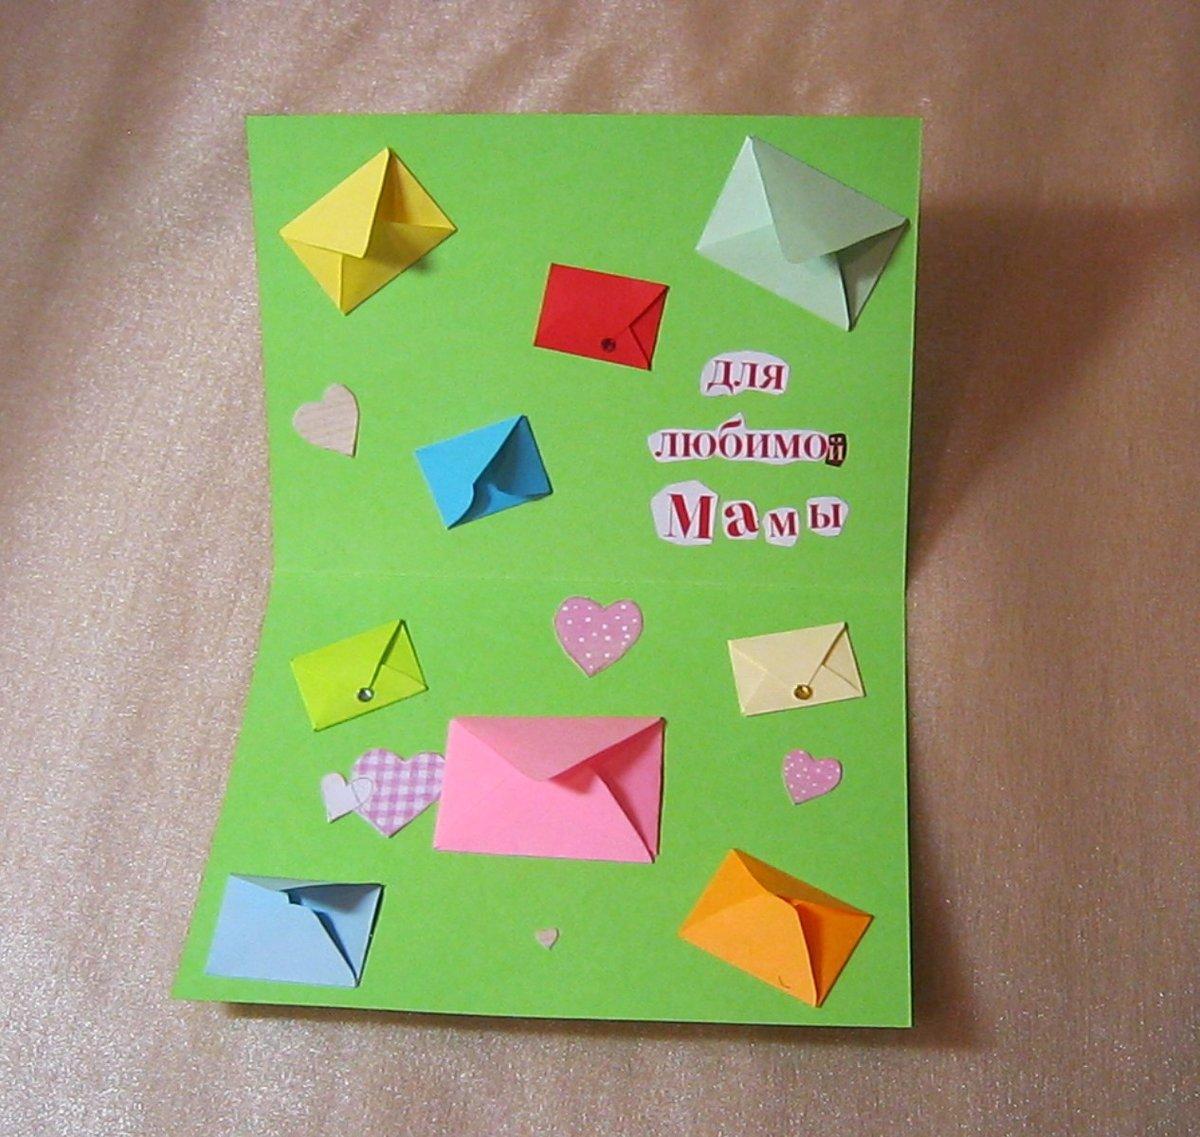 Смирнова, открытки для маме на день рождения своими руками из бумаги легко